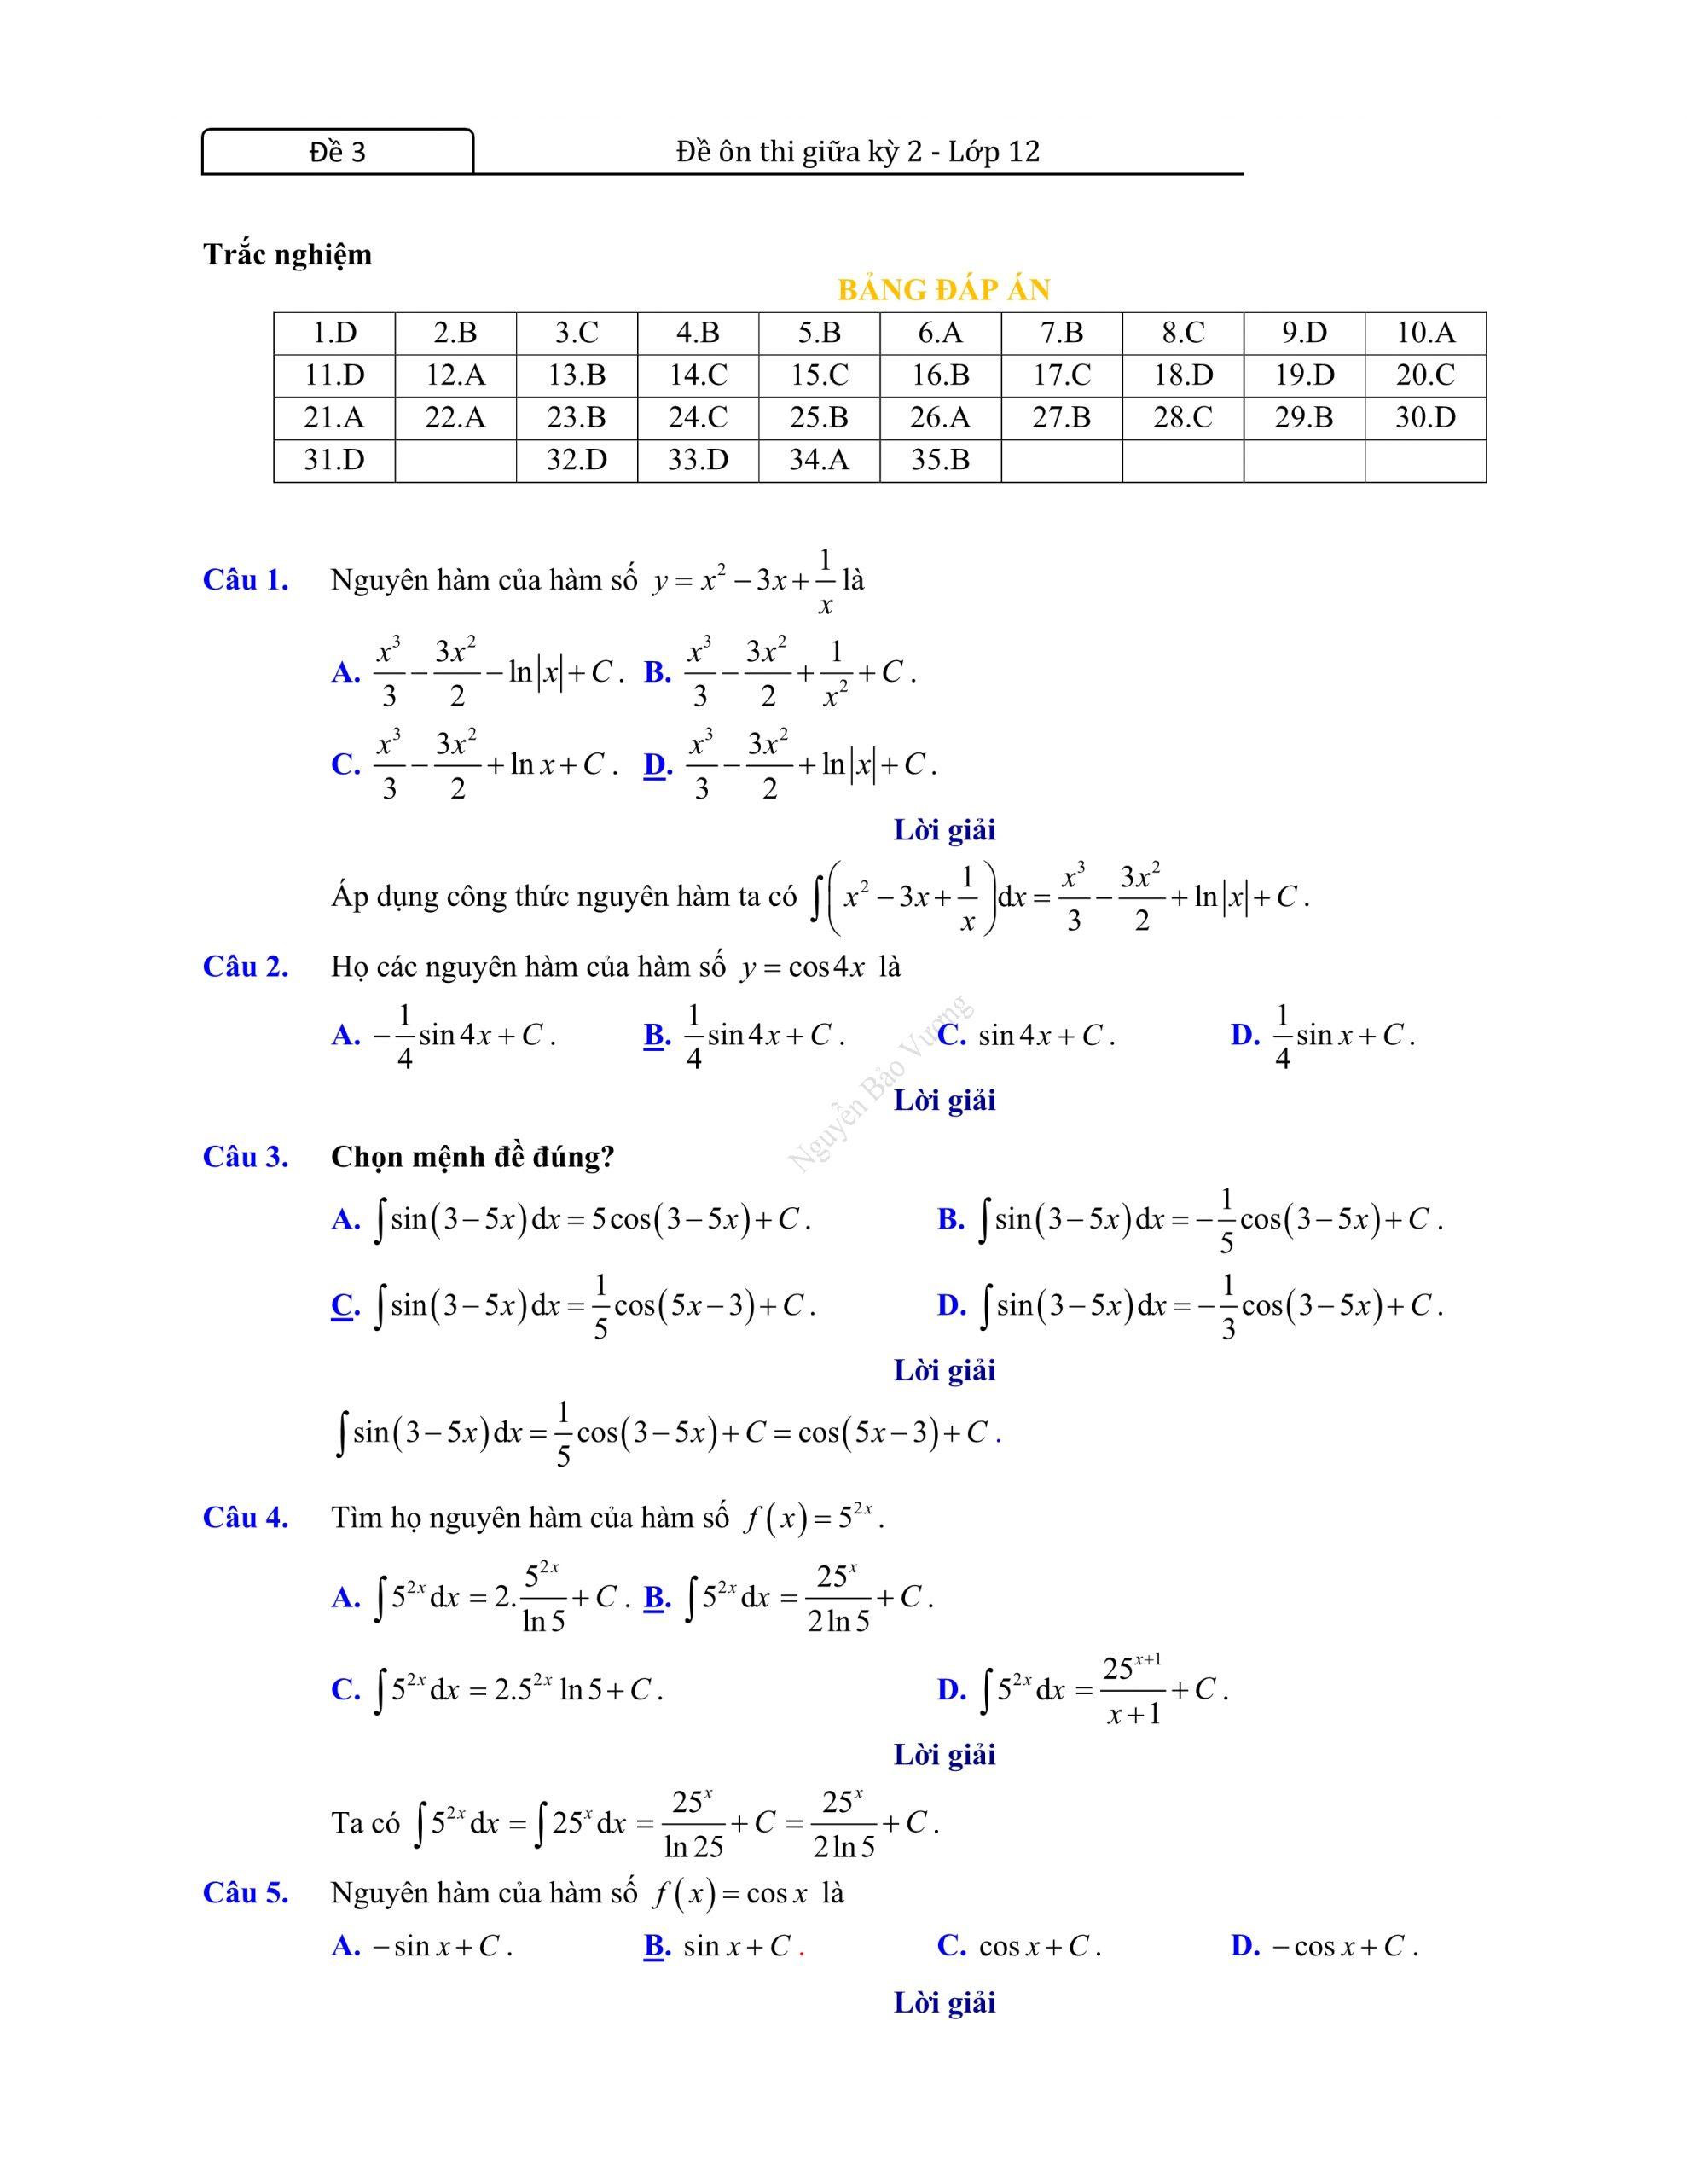 Đề thi giữa hk2 toán 12 mới chuẩn chuong trinh mới nhất 2021